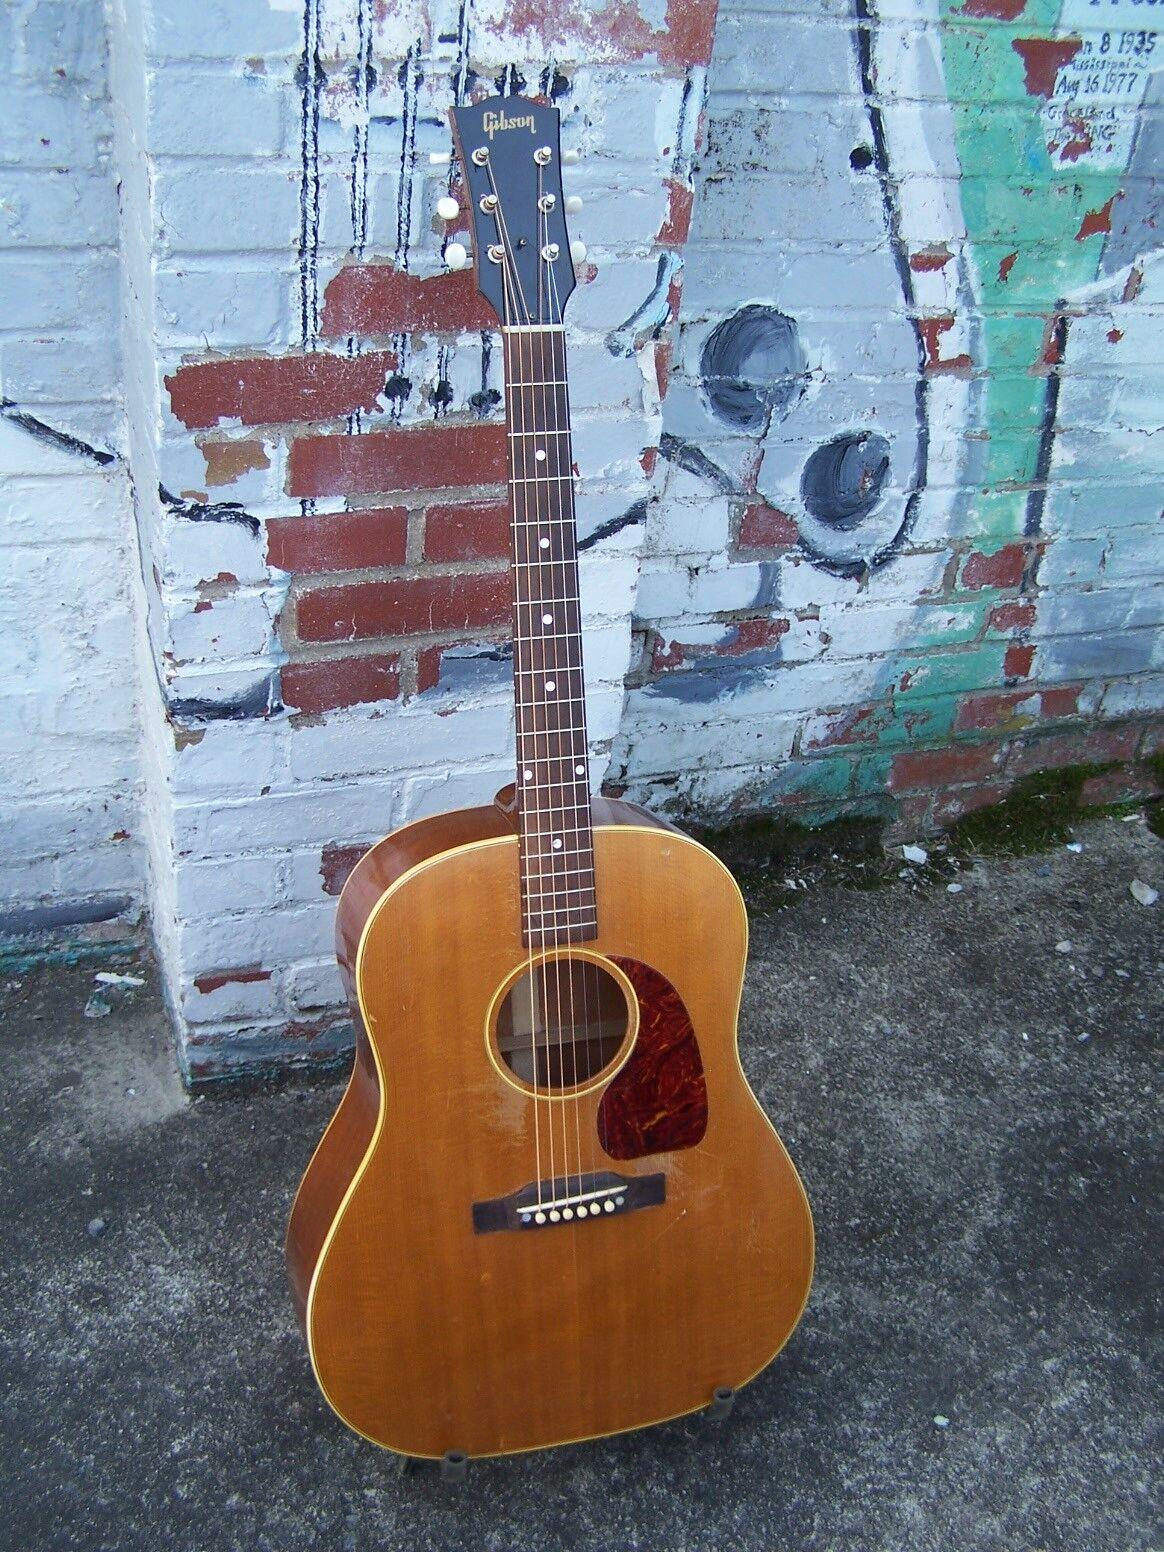 guitarswheelies